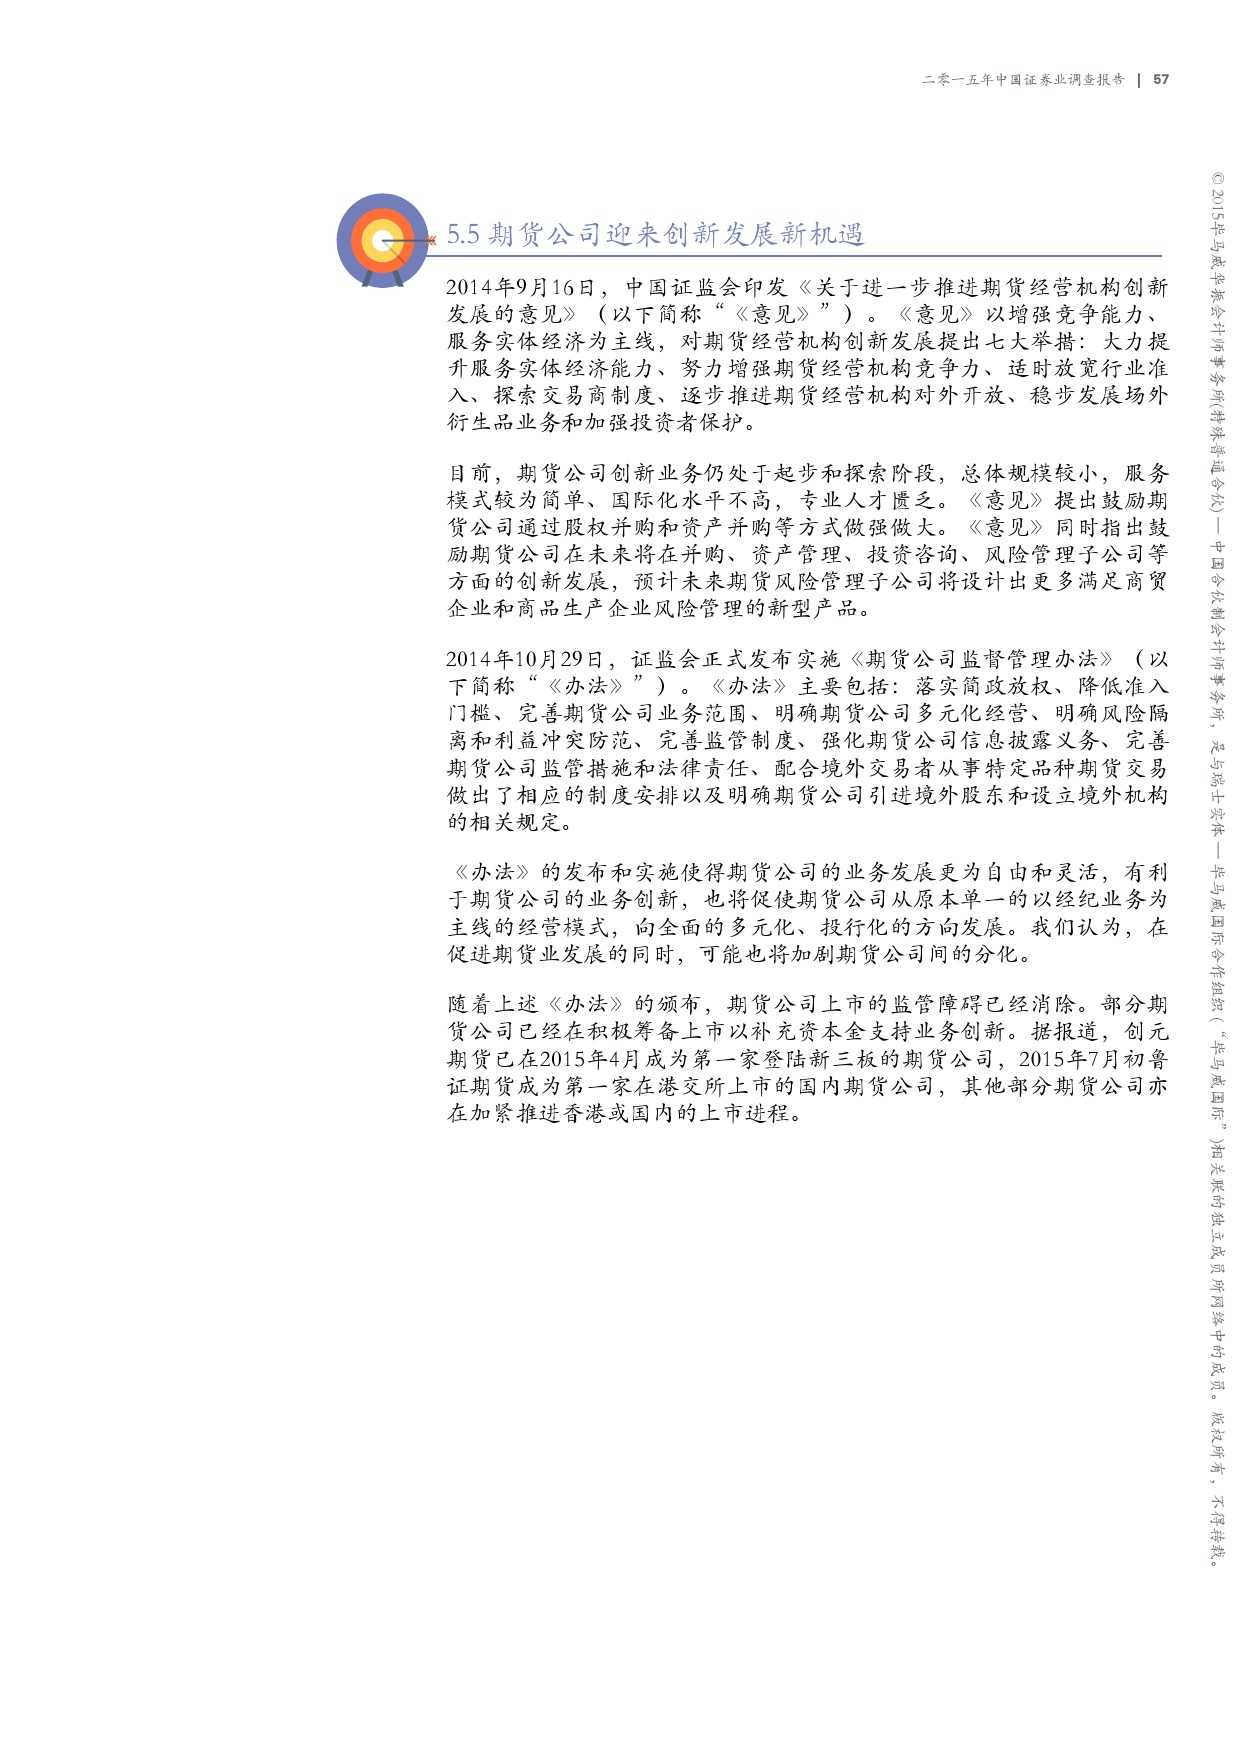 毕马威:2015年中国证券业调查报告_000059